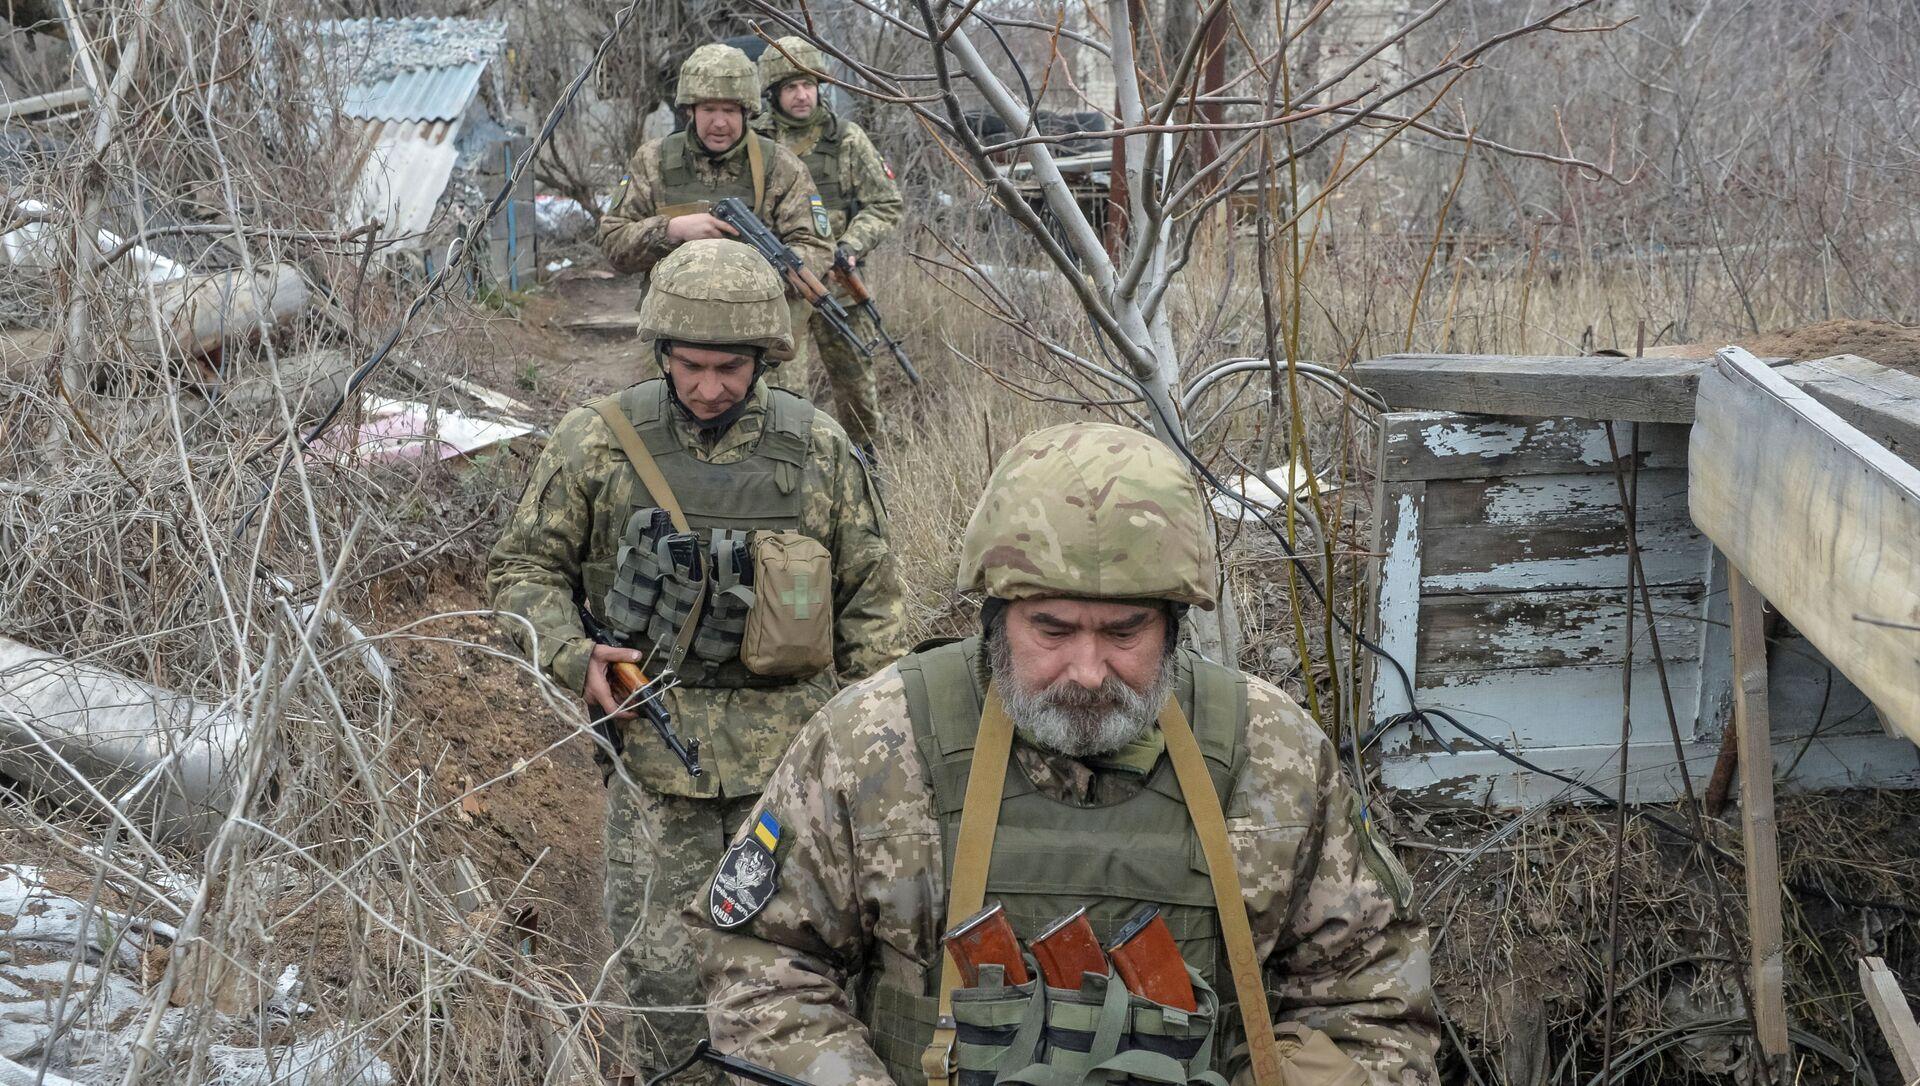 Donetsk yakınlarındaki Ukrayna askerleri - Sputnik Türkiye, 1920, 18.04.2021